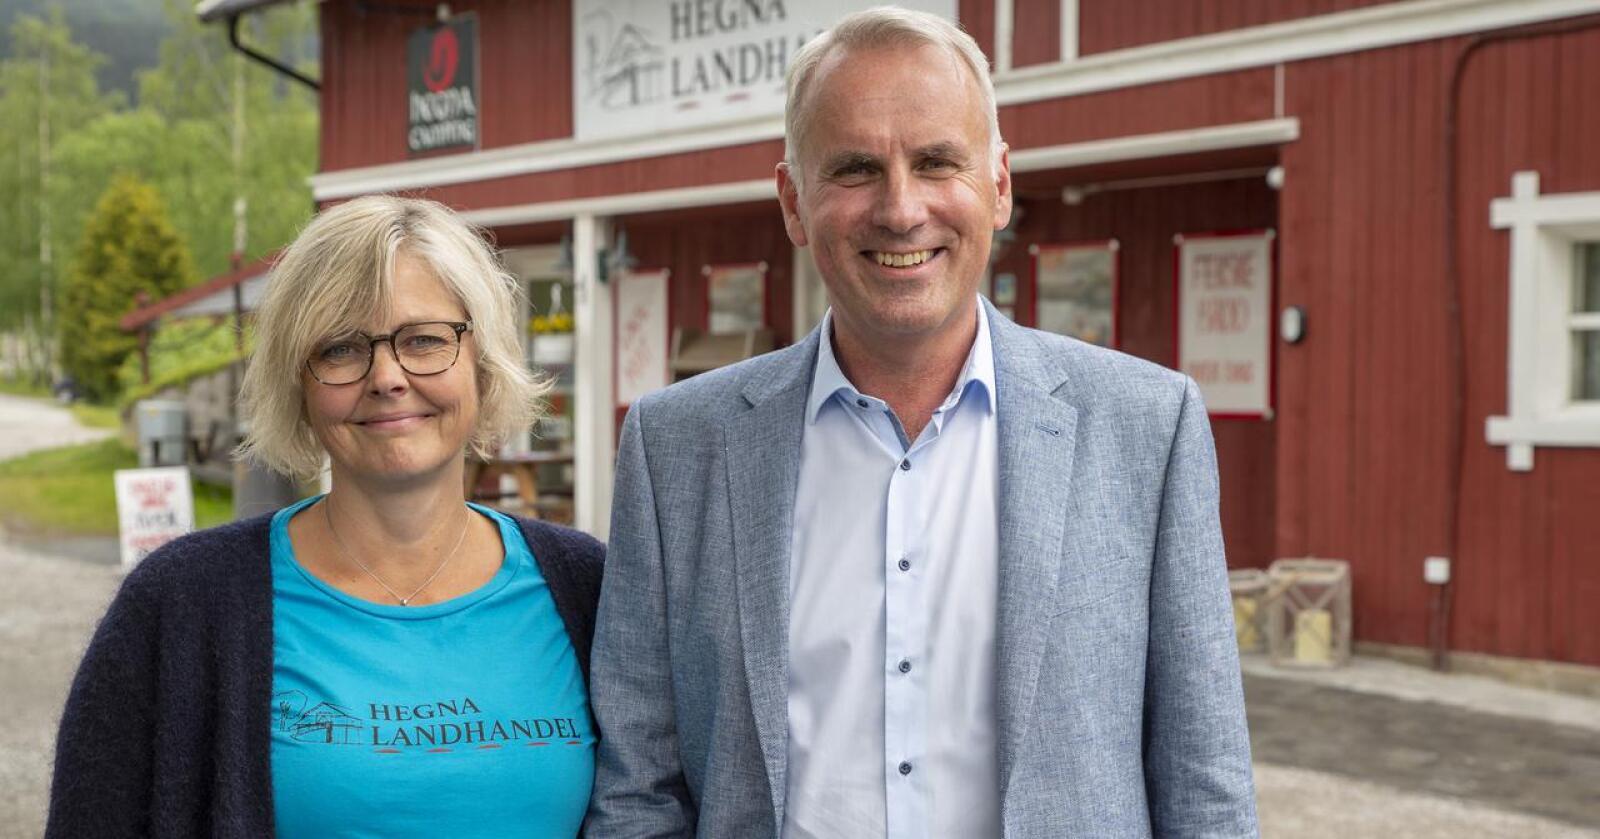 Gro Cathrine Aasgrav er dagleg leiar i Hegna Landhandel, og eig butikken saman med ektemannen Hans Olav Bakås. Foto: Kari Nygard Tvilde